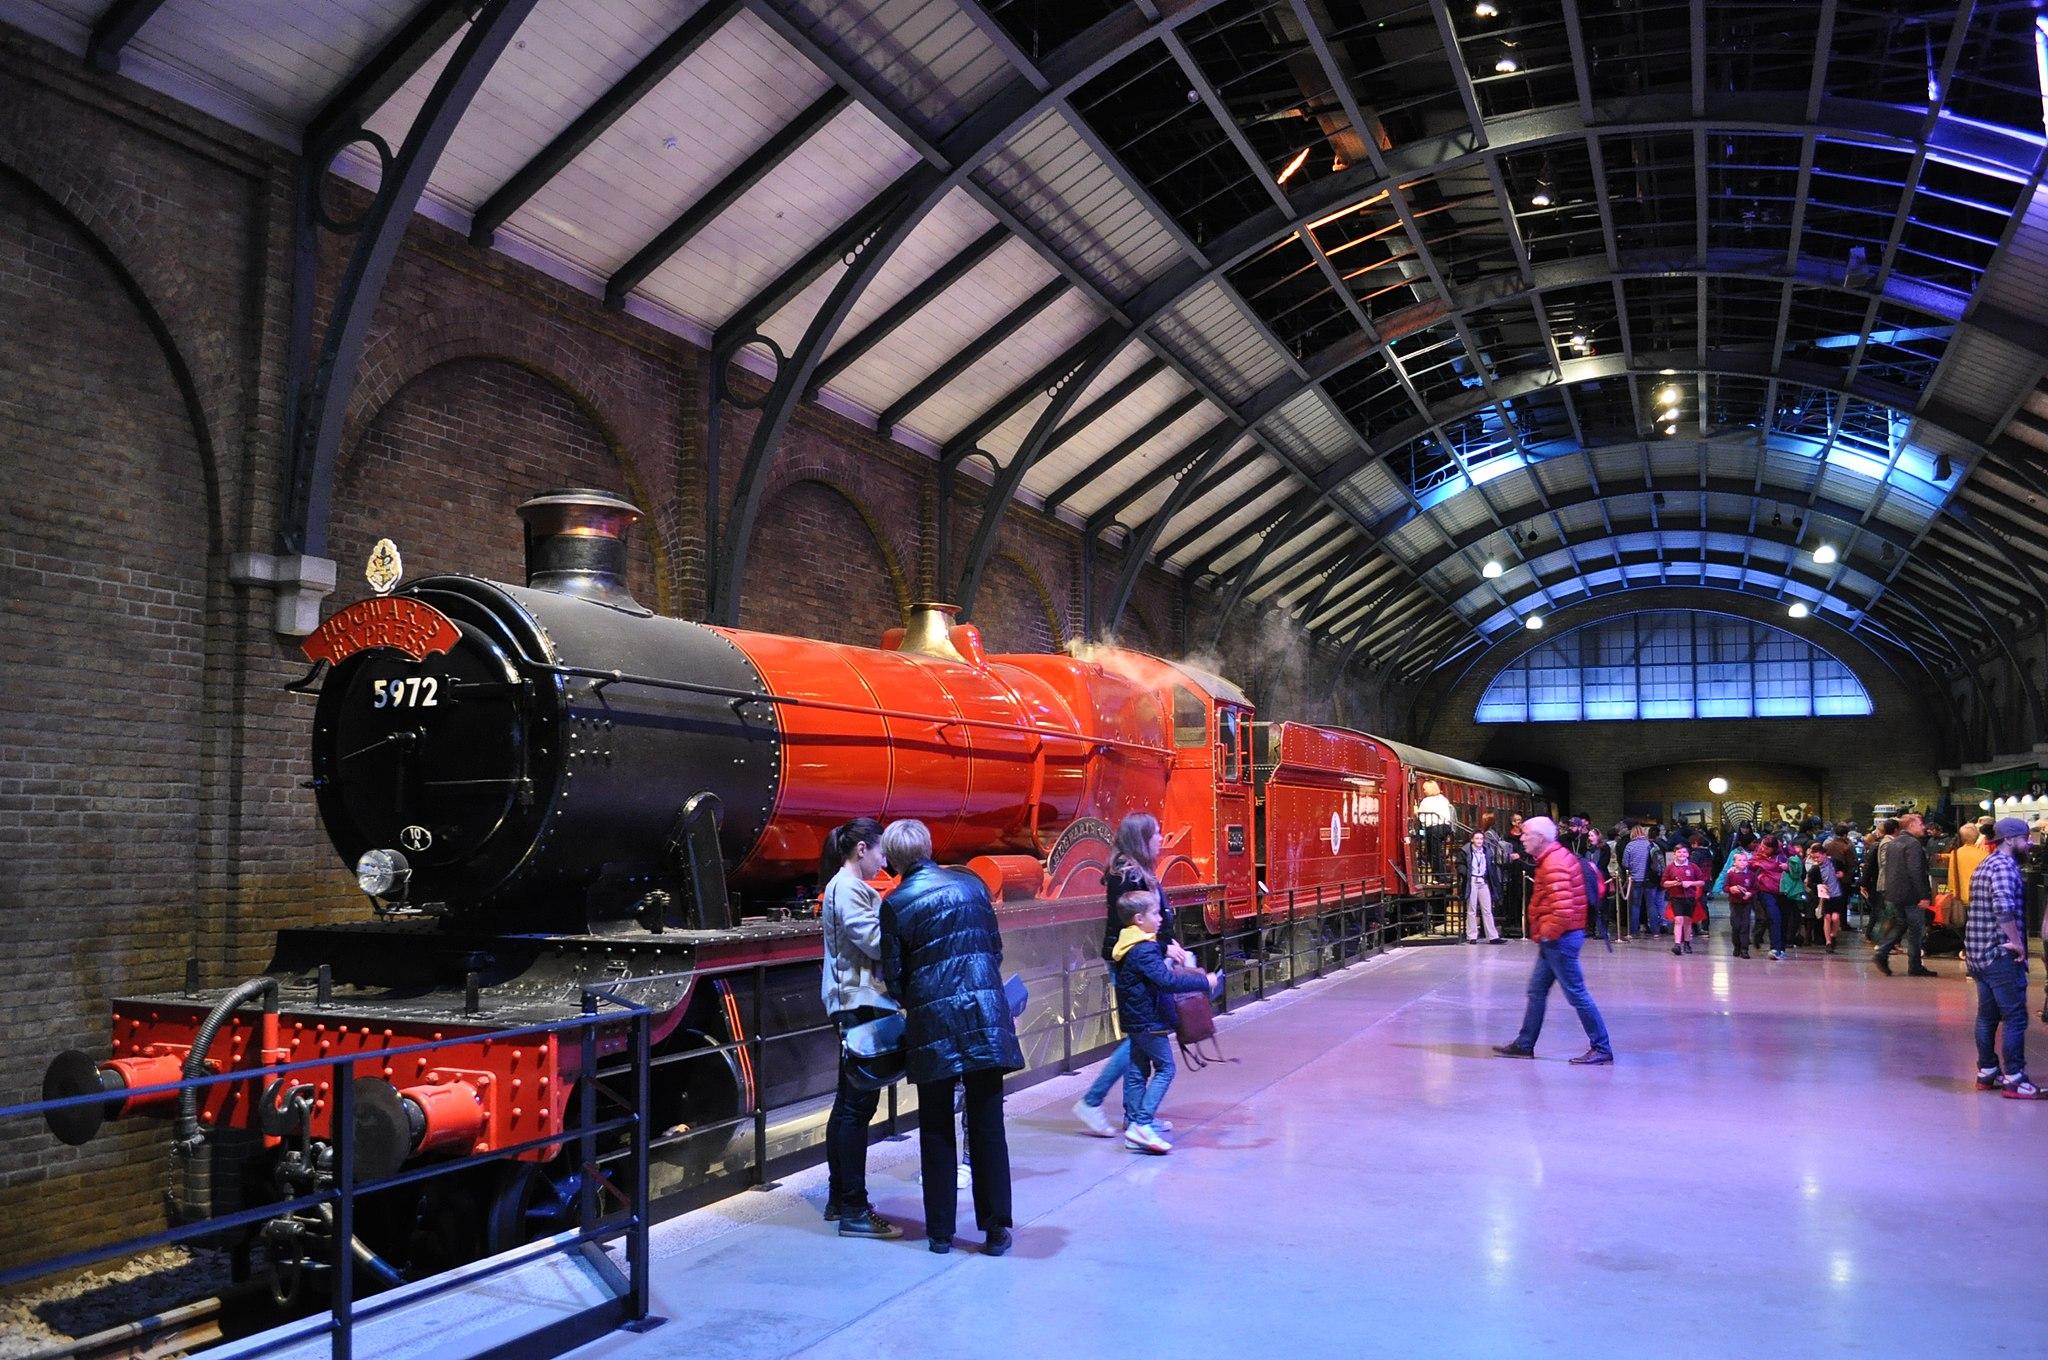 Resor med Harry Potter-tema